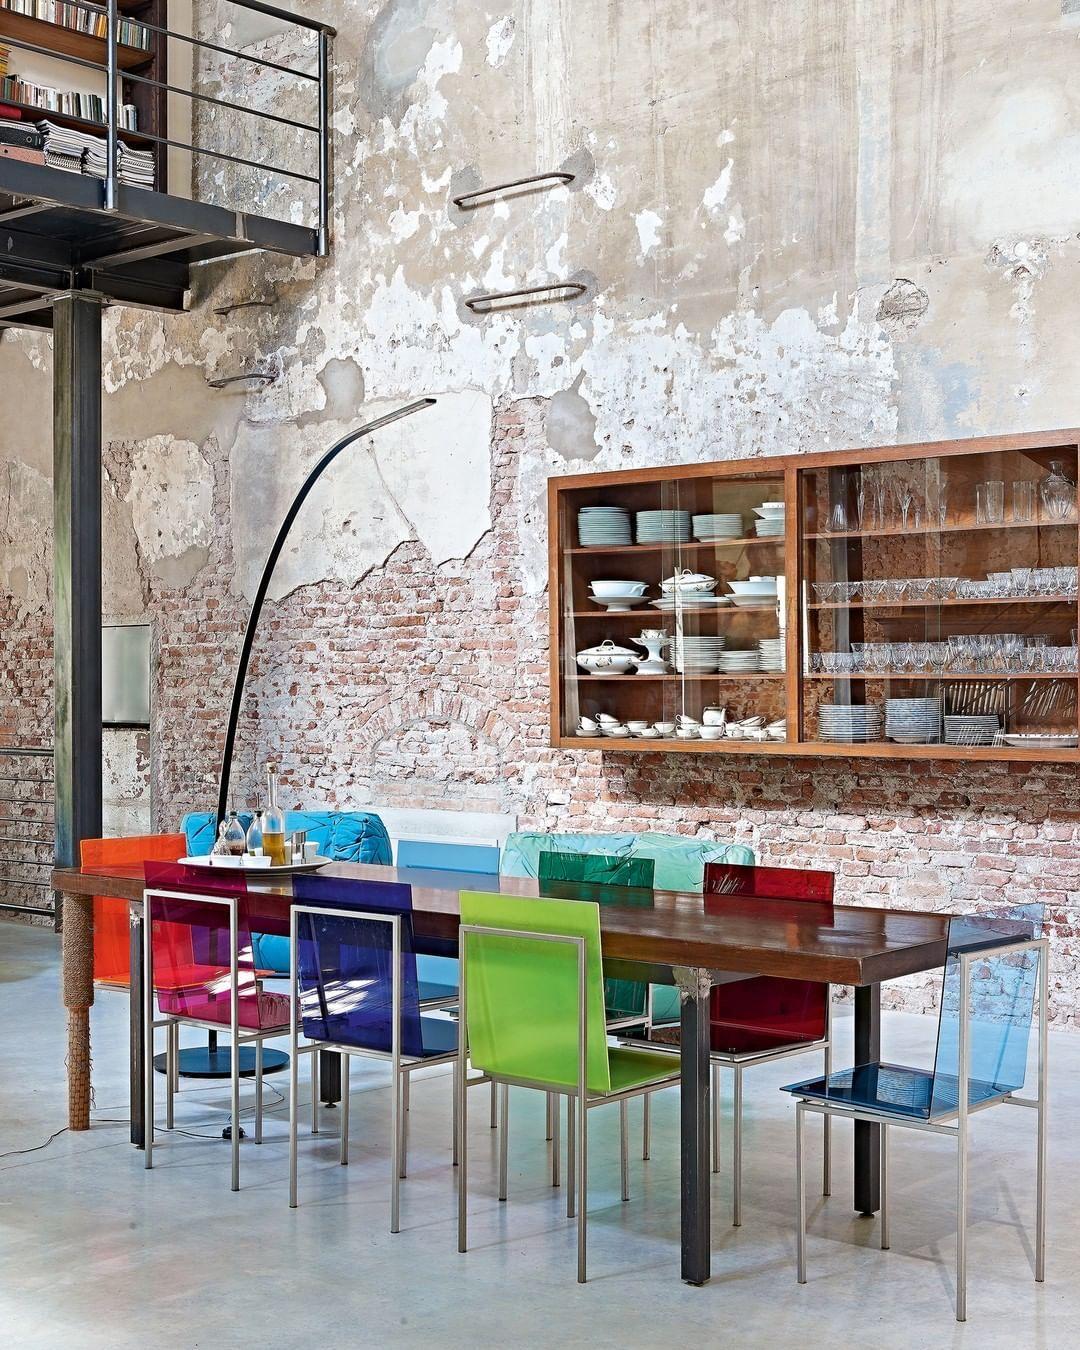 Provenance De La Photo Instagram Ideat Magazine Design Paris Gallery Decorativearts Notre Site Web En 2020 Objet Deco Vintage Mobilier De Salon Deco Vintage